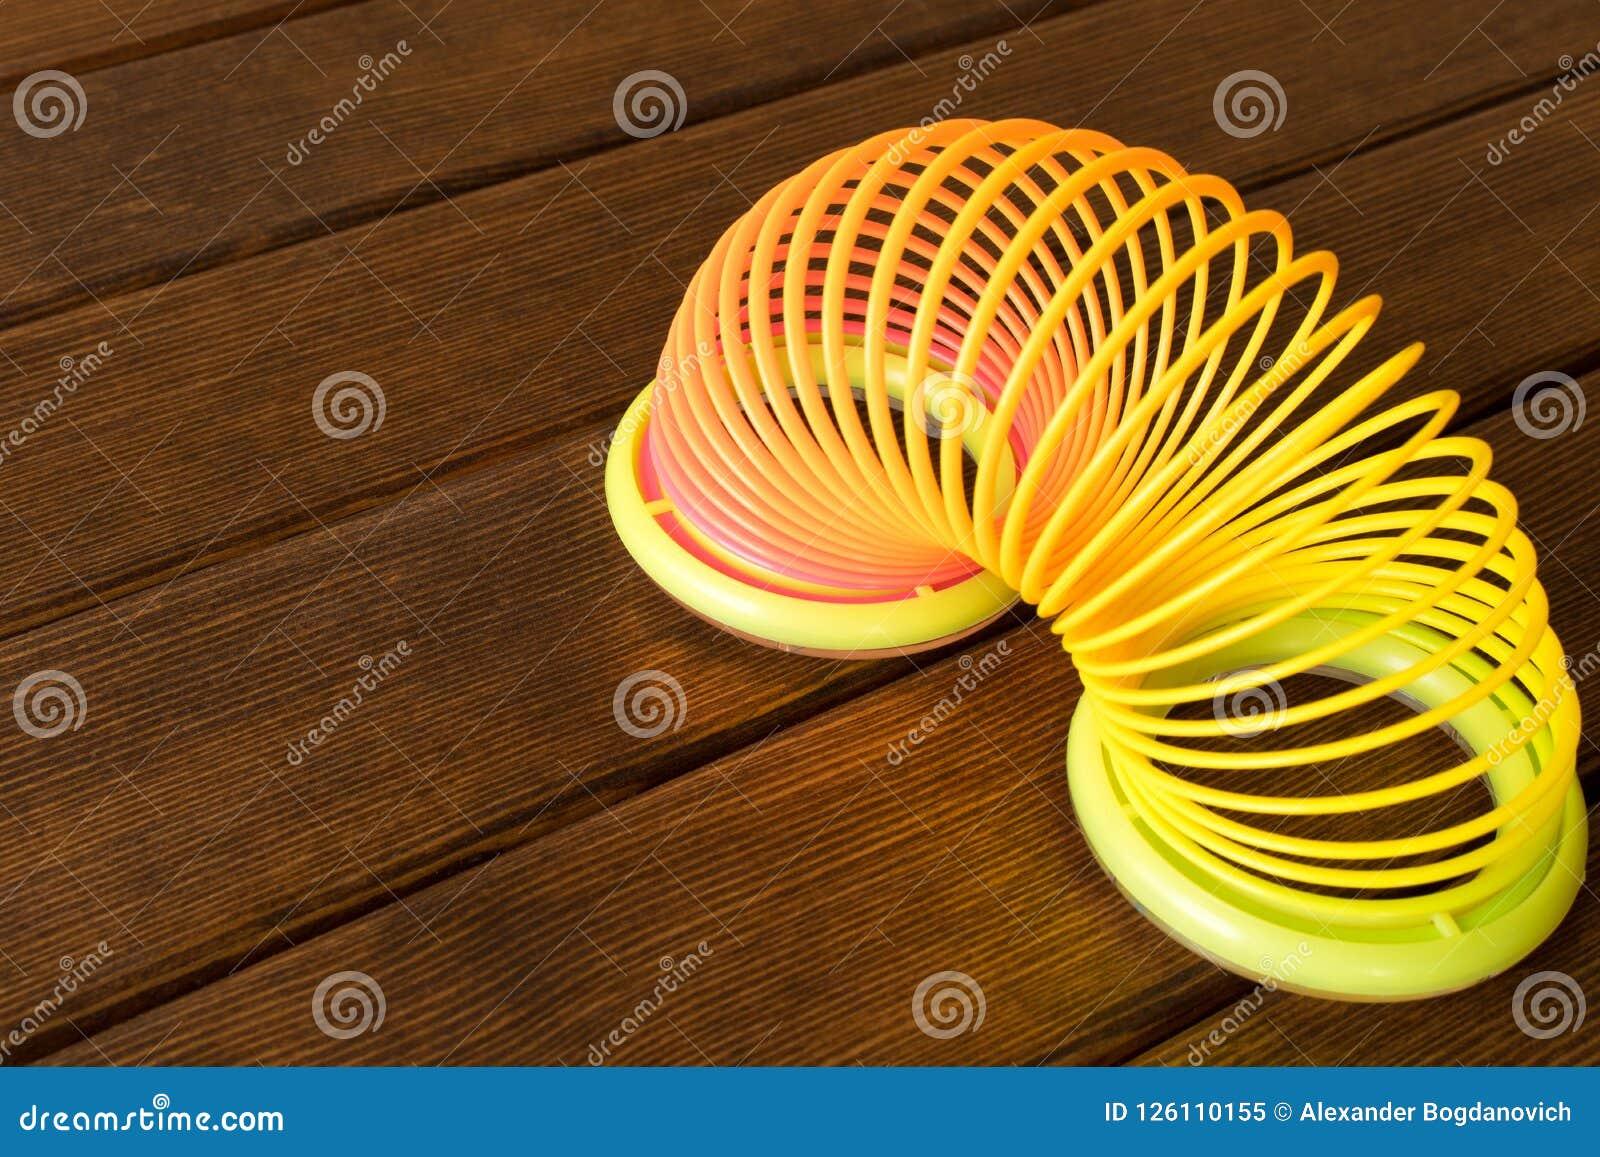 Spielzeugplastikregenbogen auf einem Holztisch Mehrfarbige Spirale für